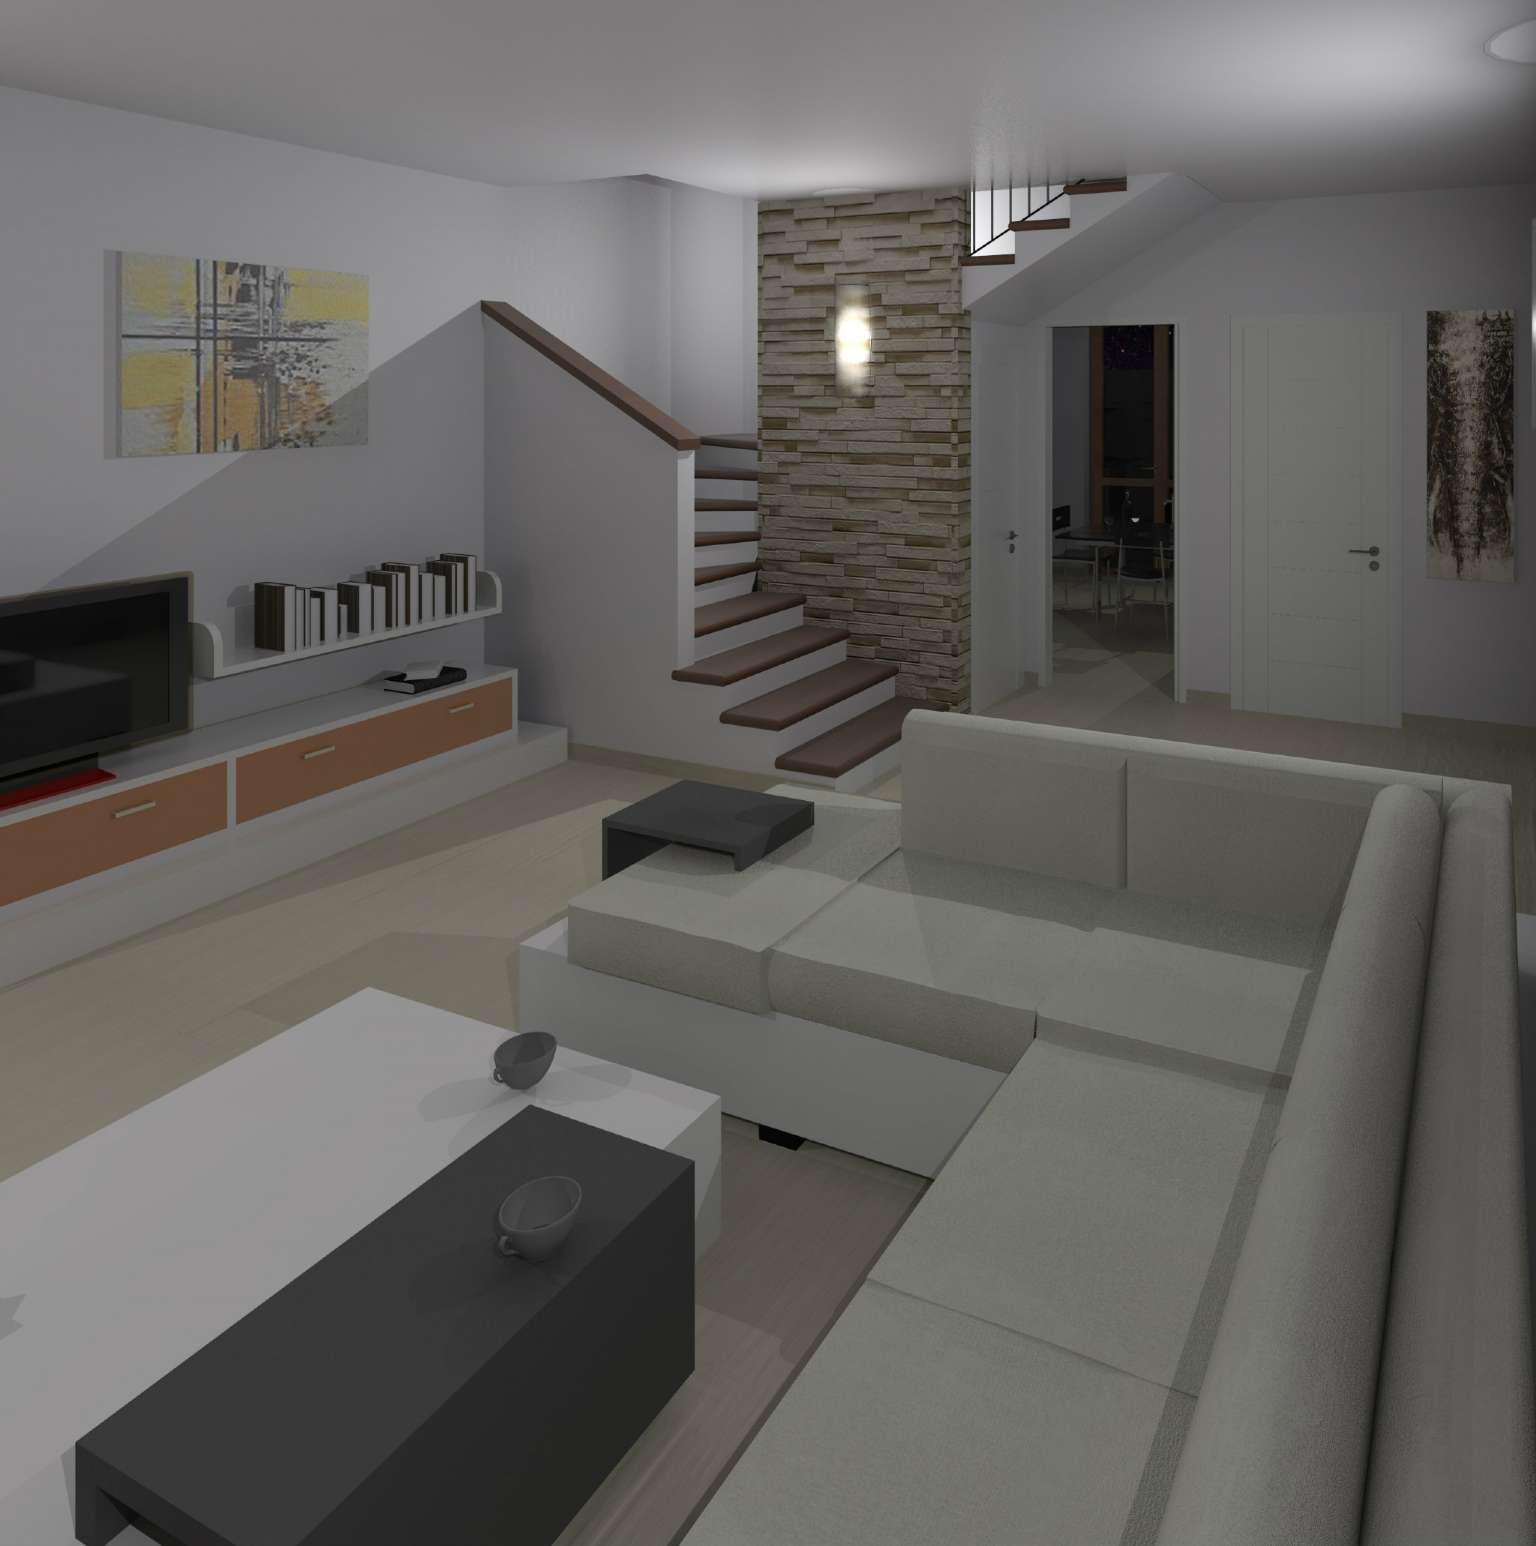 Villa a Schiera in vendita a Tradate, 4 locali, prezzo € 238.000 | CambioCasa.it